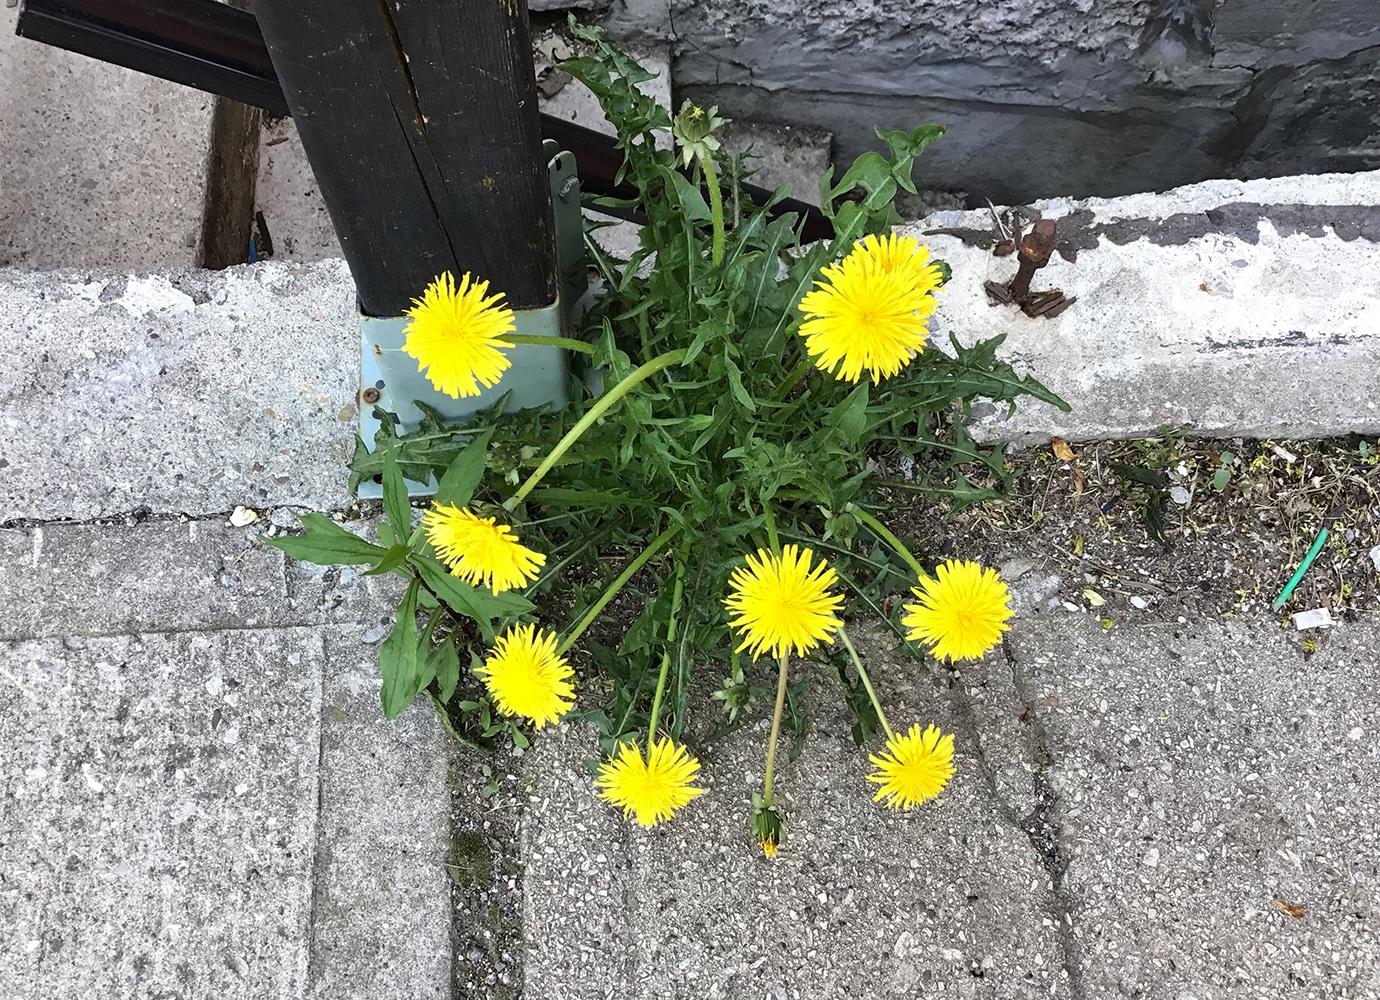 Plant living in my neighborhood (sidewalk), Spring 2020